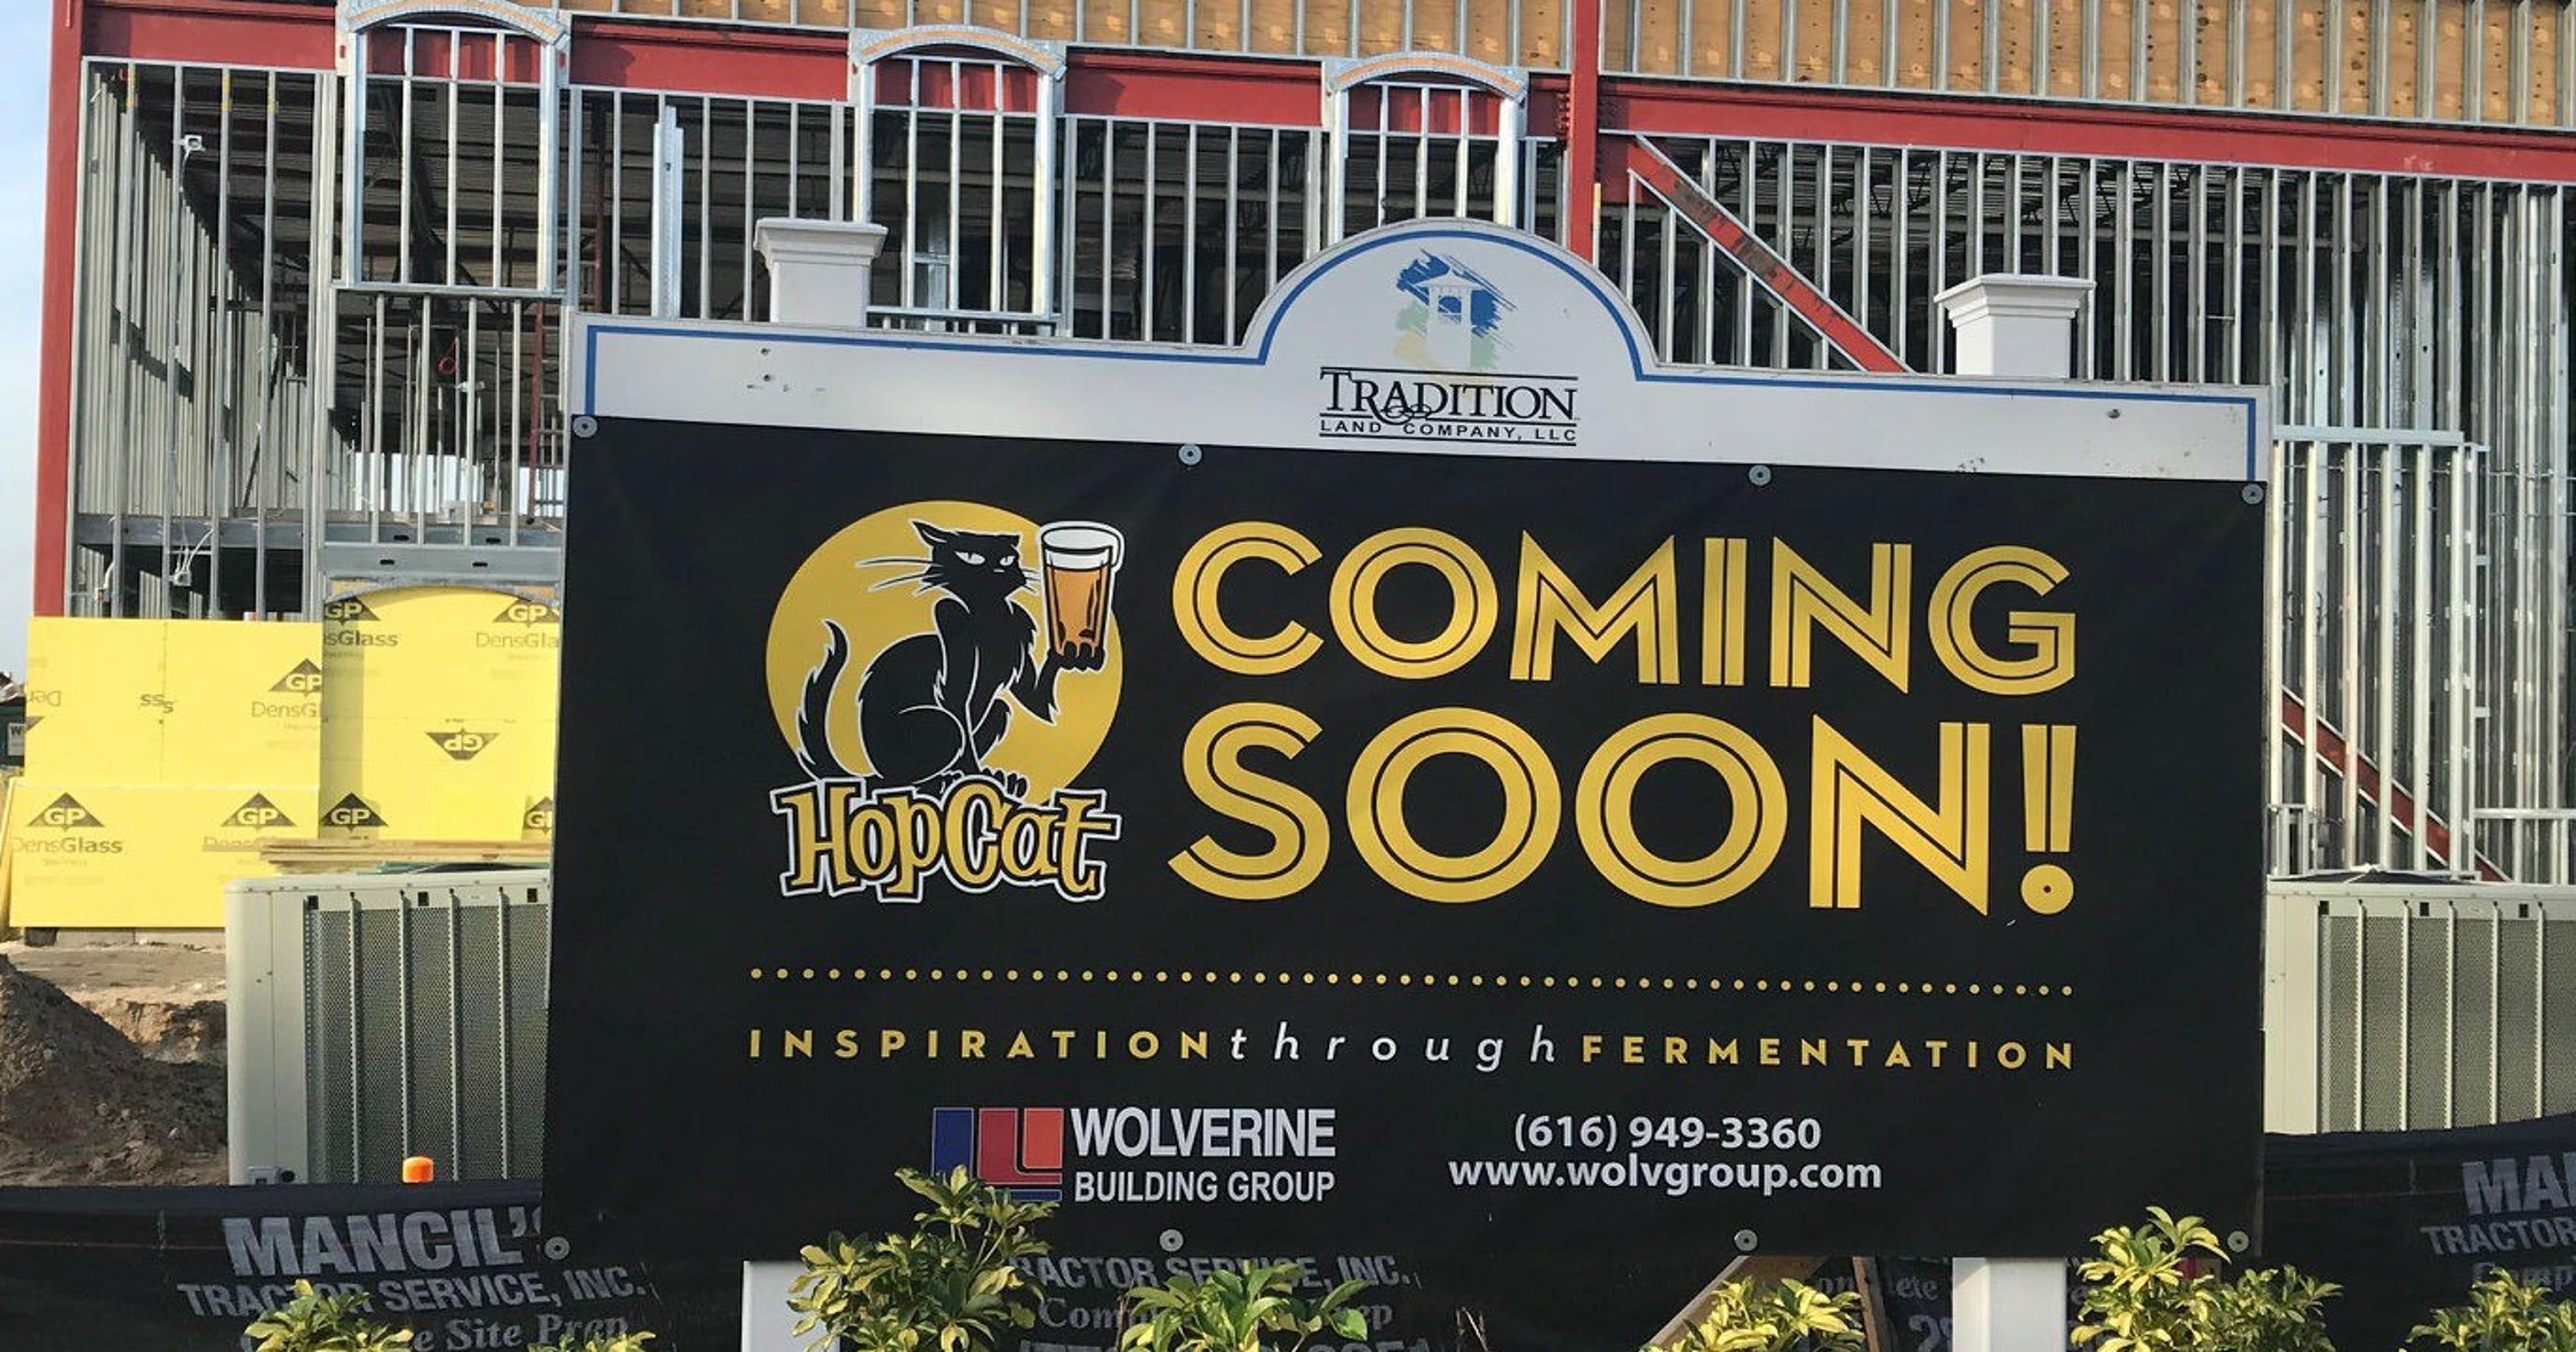 HopCat, Popeyes, Taco Bell opening new Treasure Coast locations